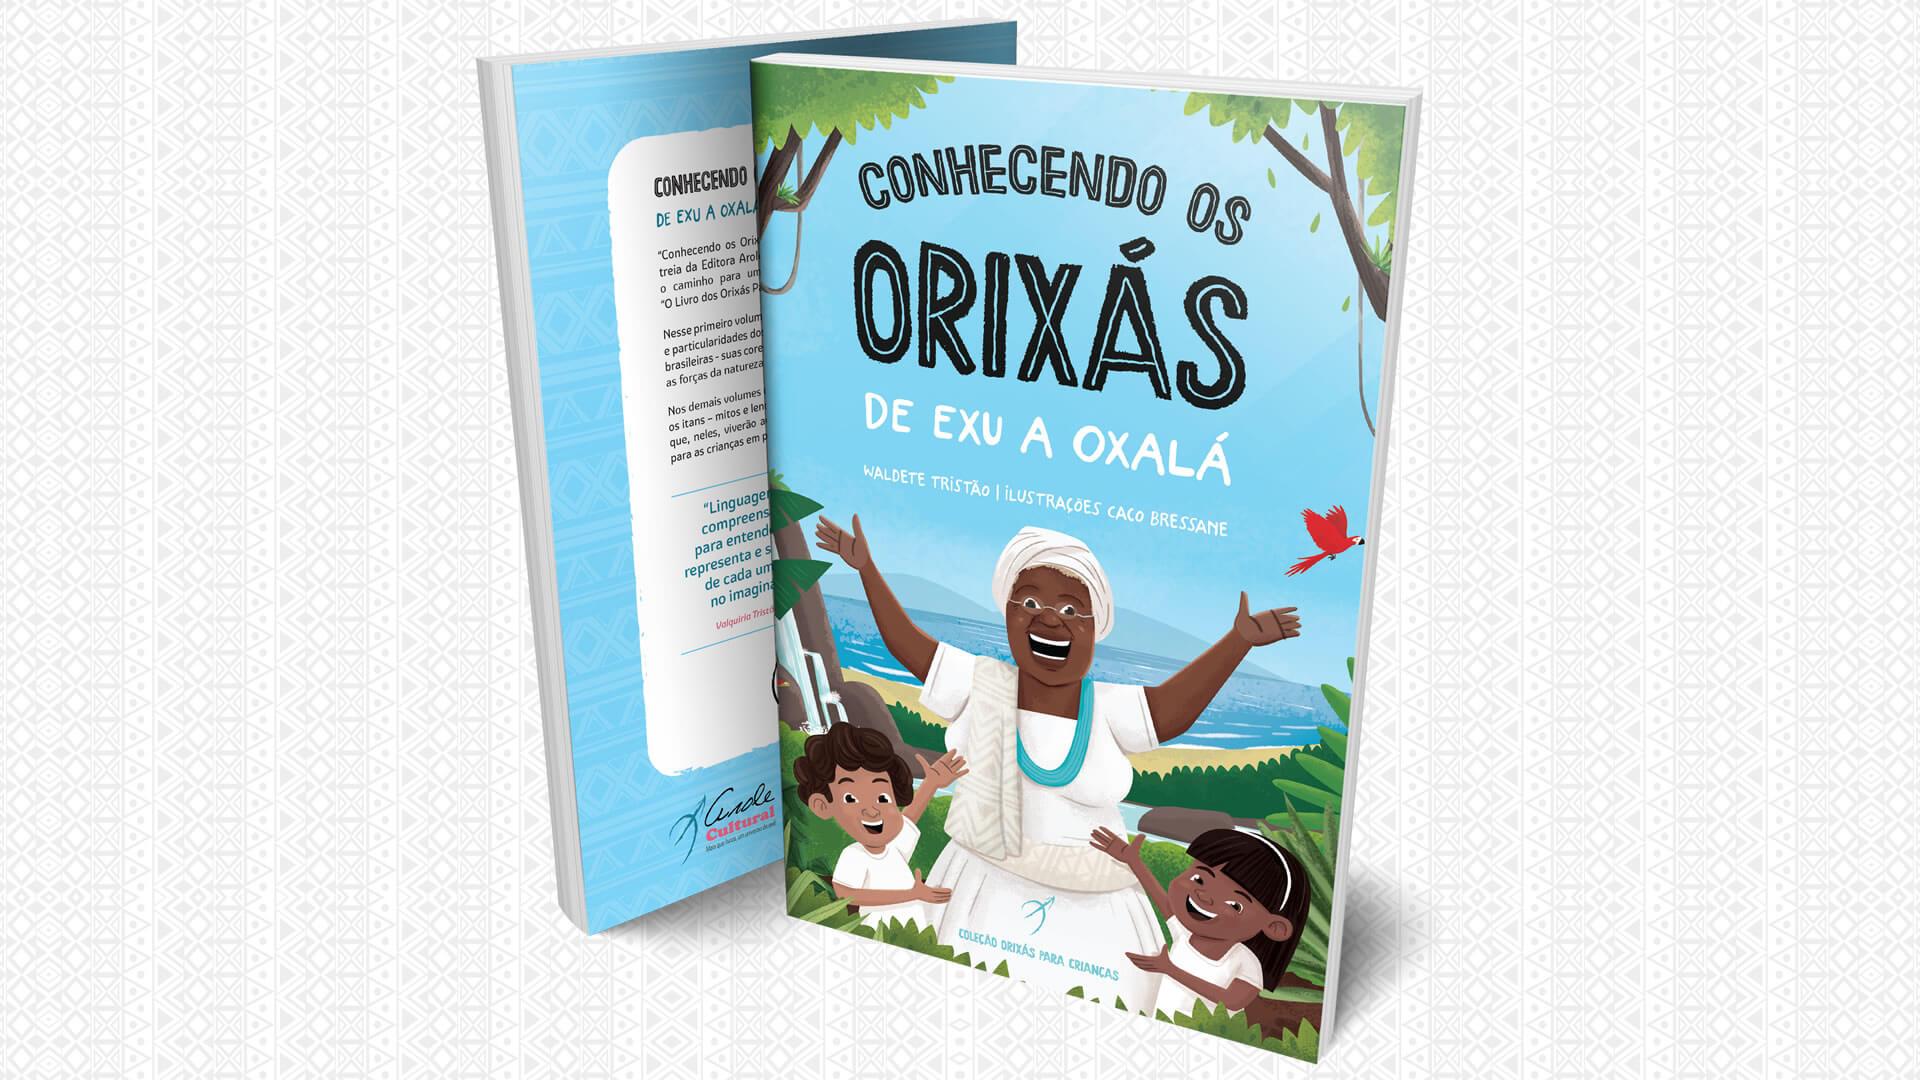 Diego de Oxóssi | Conhecendo os Orixás: de Exu a Oxalá é o primeiro volume da série infantil da Arole Cultural, composta por 18 títulos sobre os Deuses Africanos